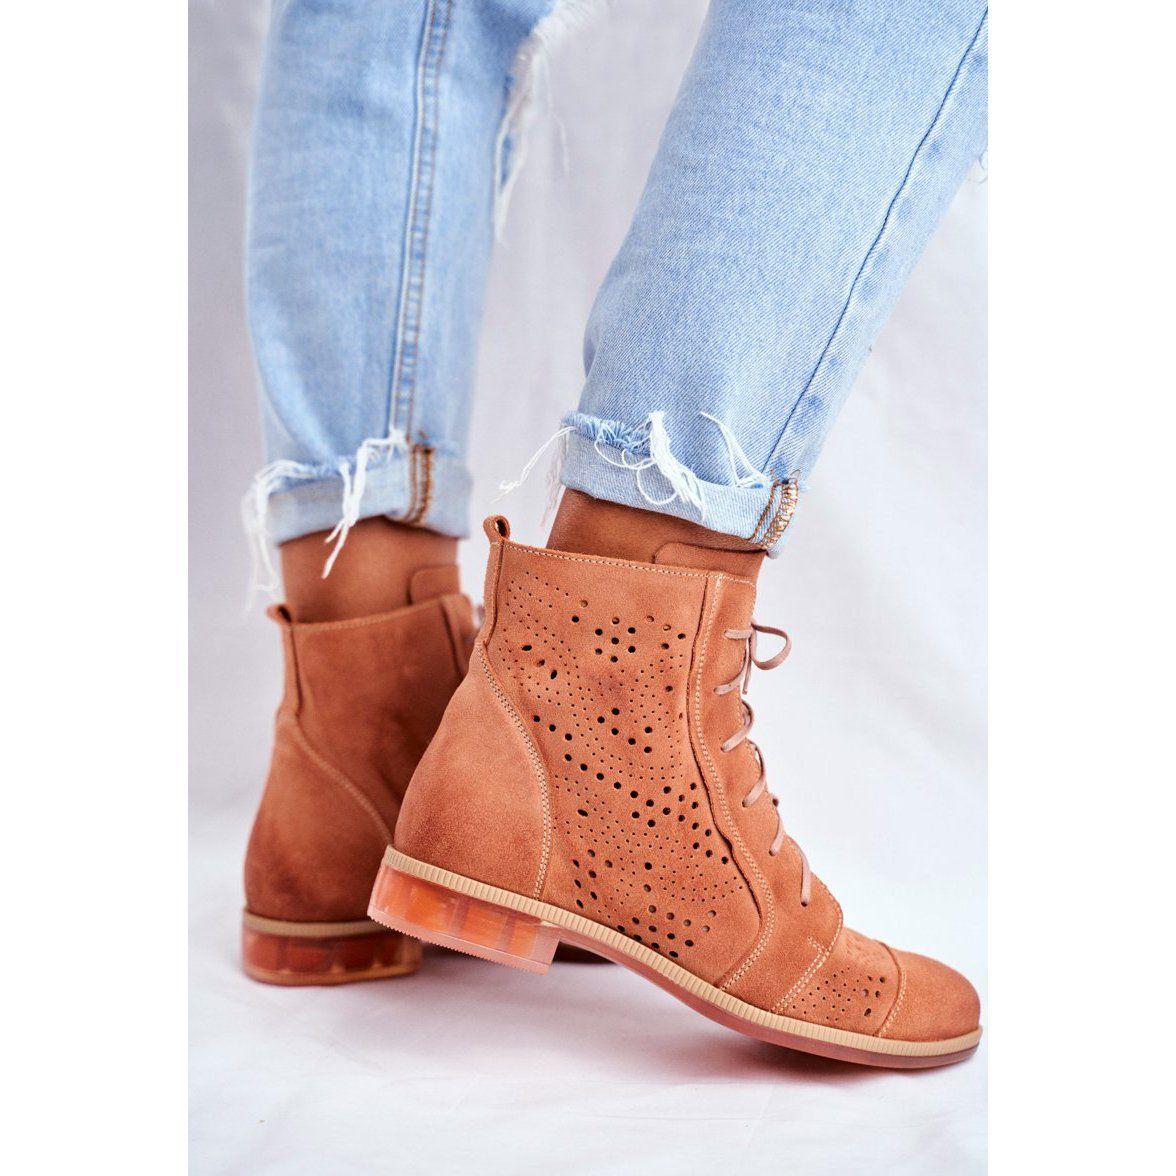 Botki Damskie Skorzane Trzewiki Maciejka Brzoskwiniowe 04468 18 Pomaranczowe Timberland Boots Boots Shoes